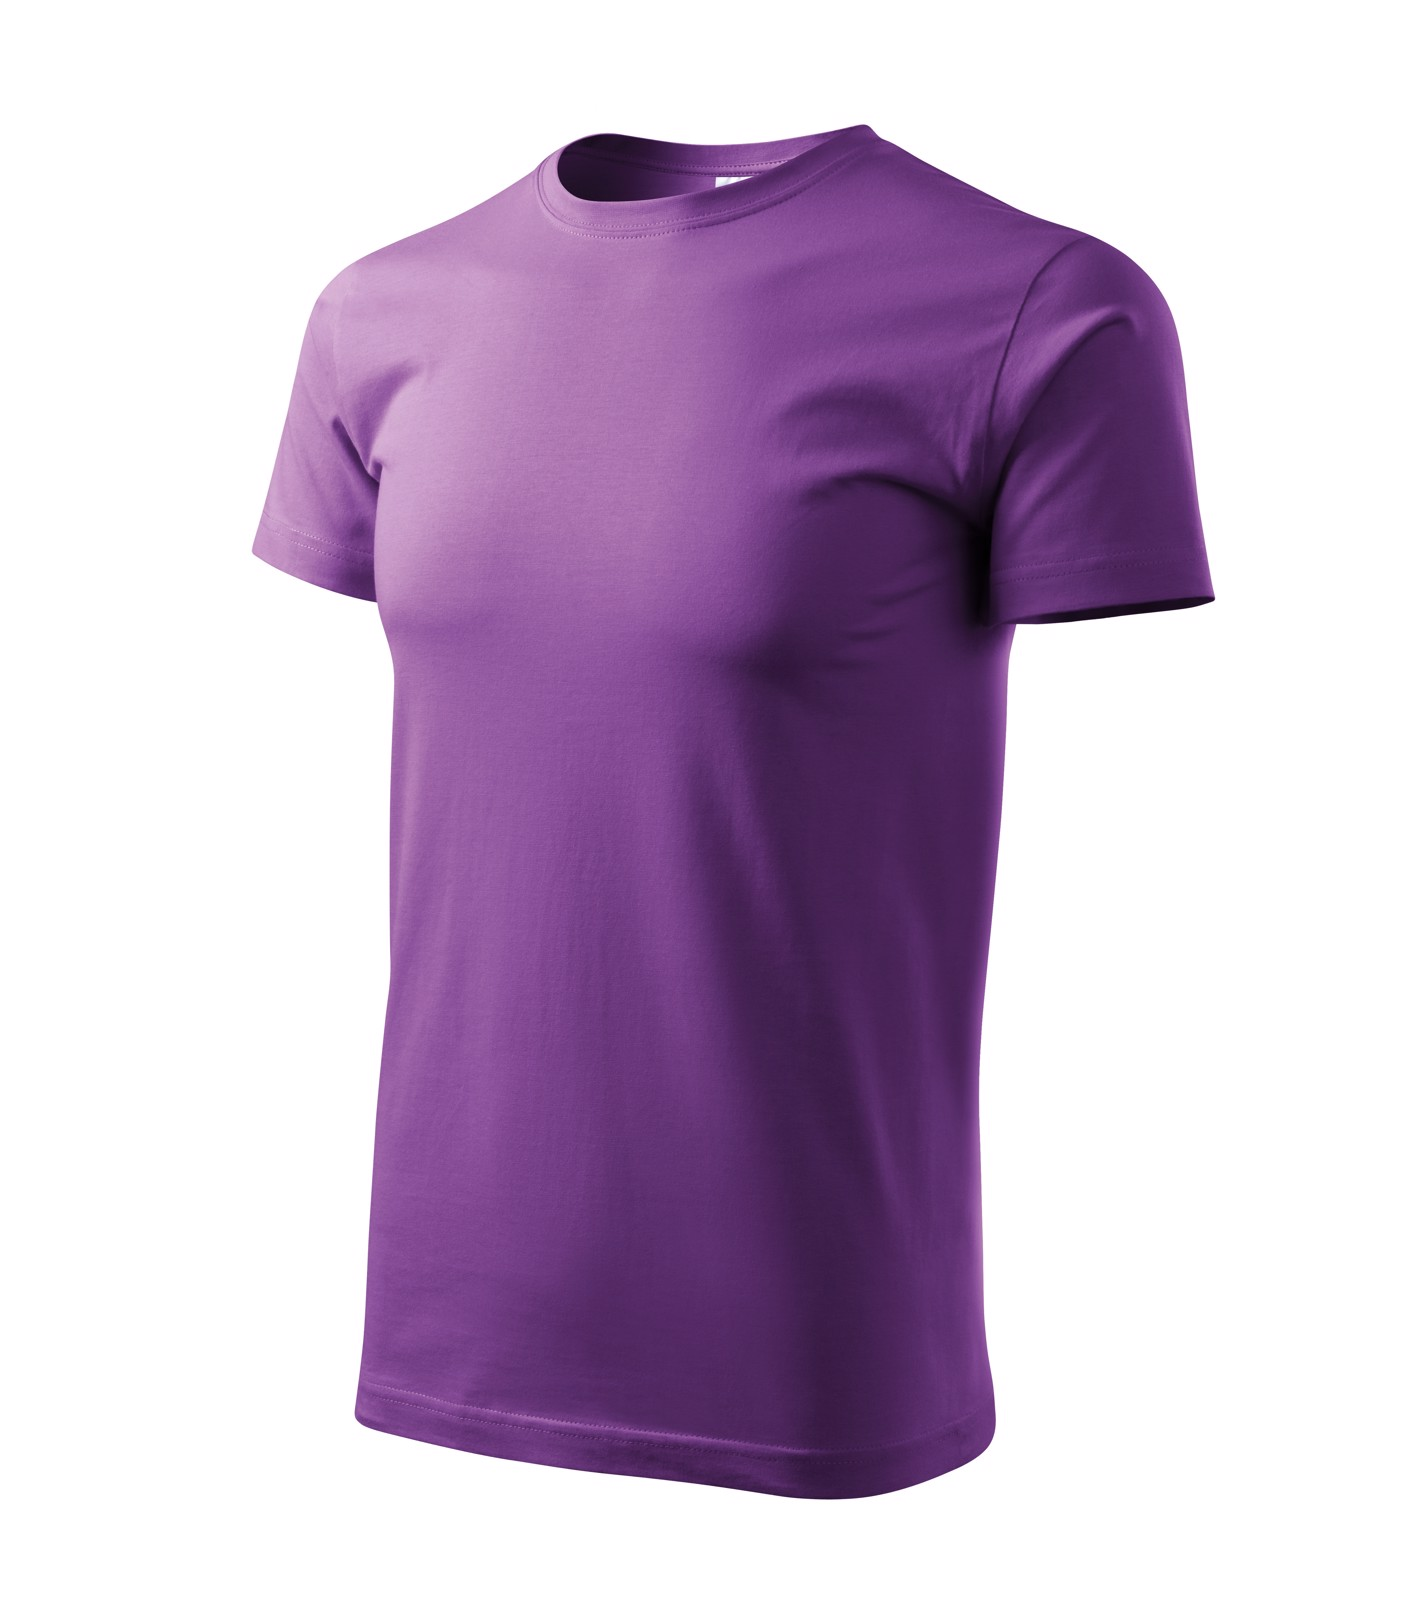 T-shirt men's Malfini Basic - Purple / 2XL